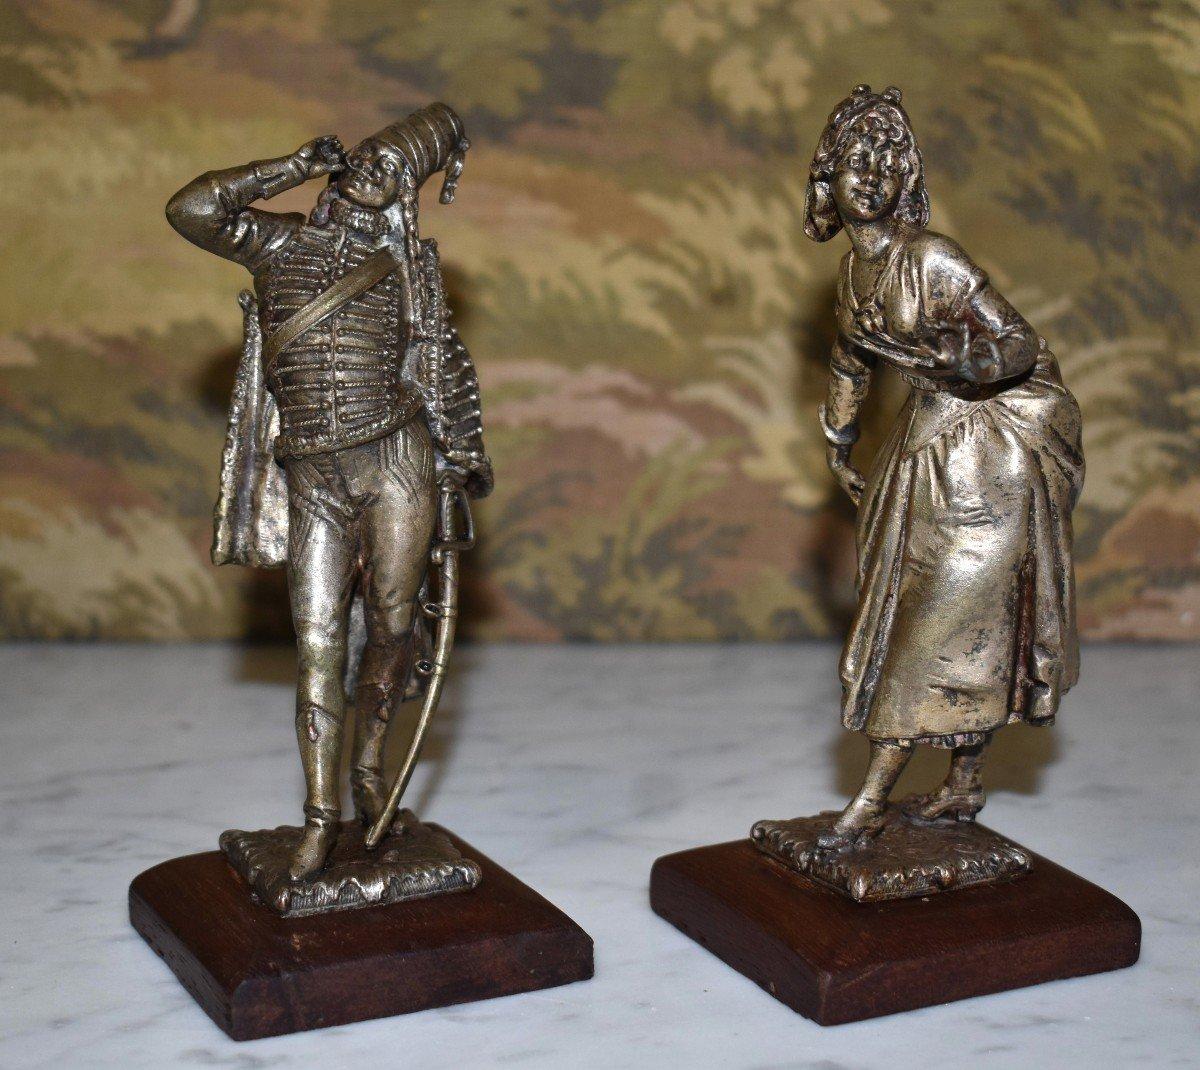 Paire De Statuettes , Sujet Militaire, Hussard  et  Jeune Fille,  Soldat en costume militaire, Premier Empire, Napoléon.